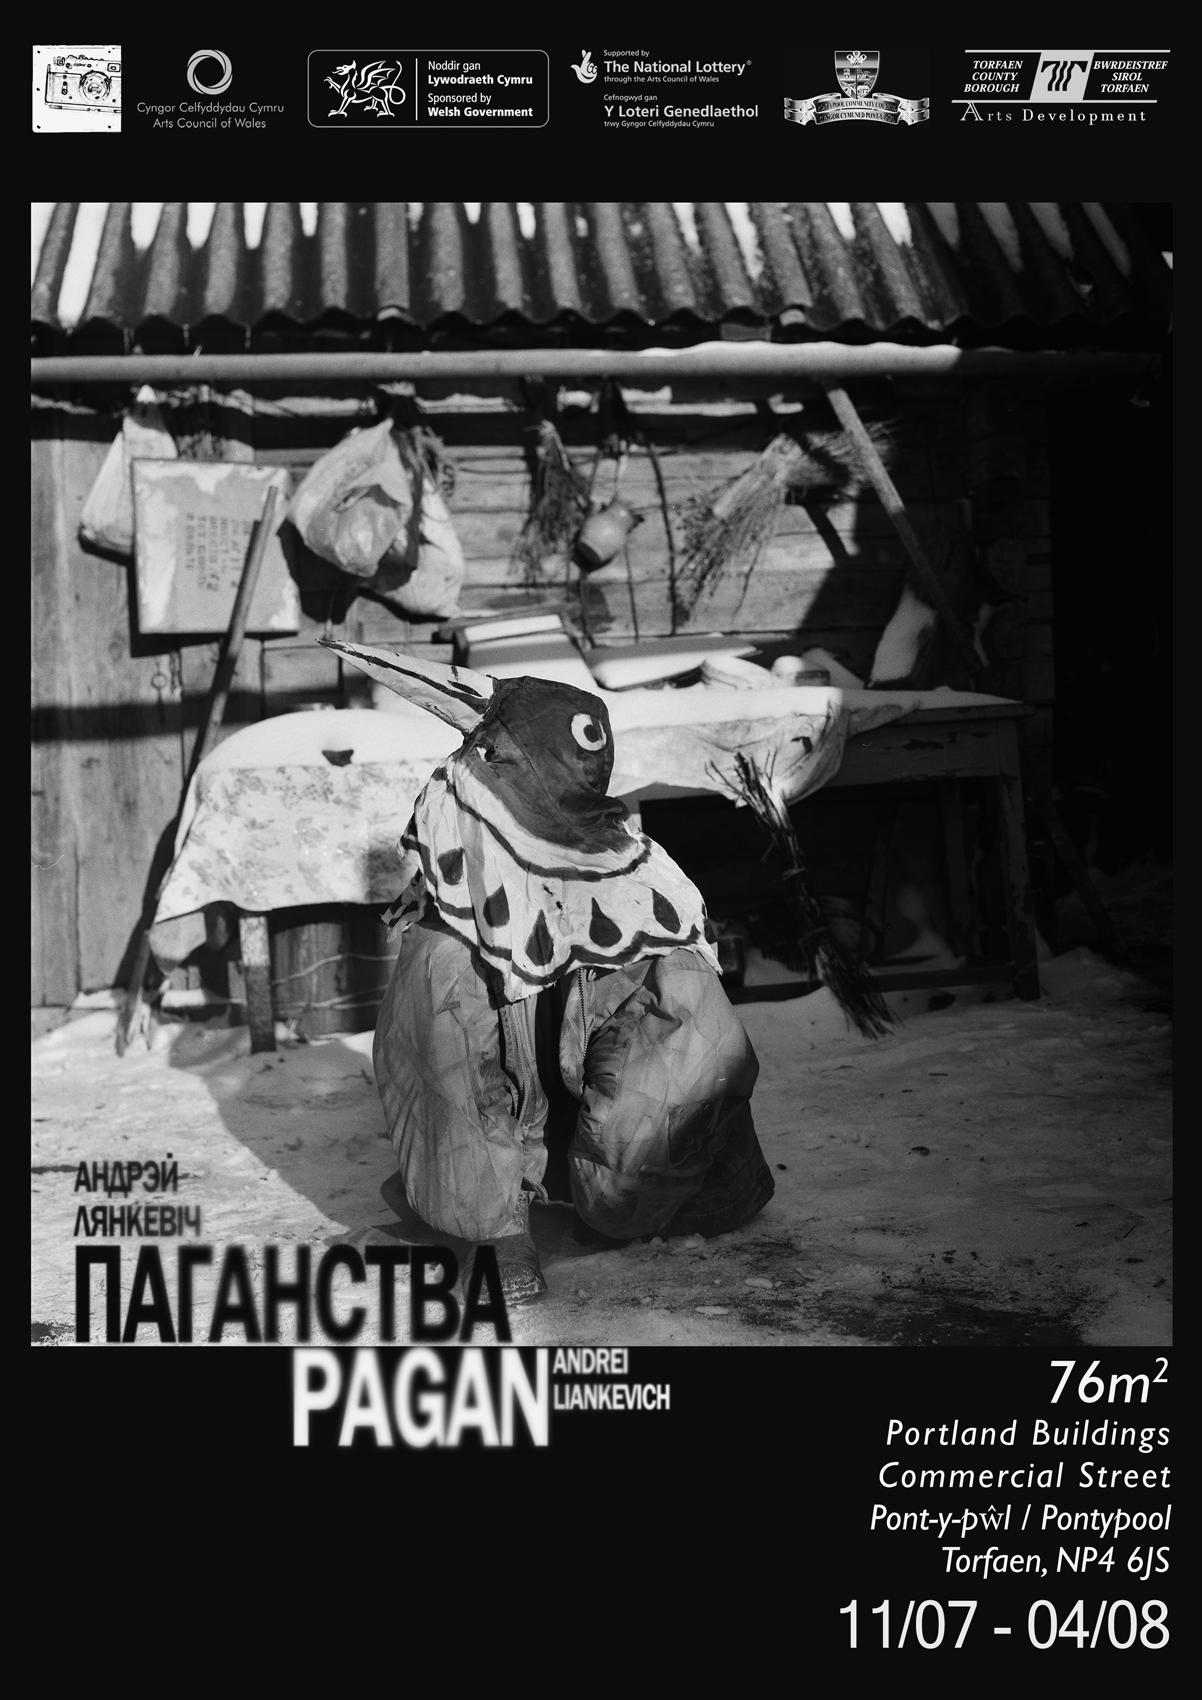 Pagan S.png